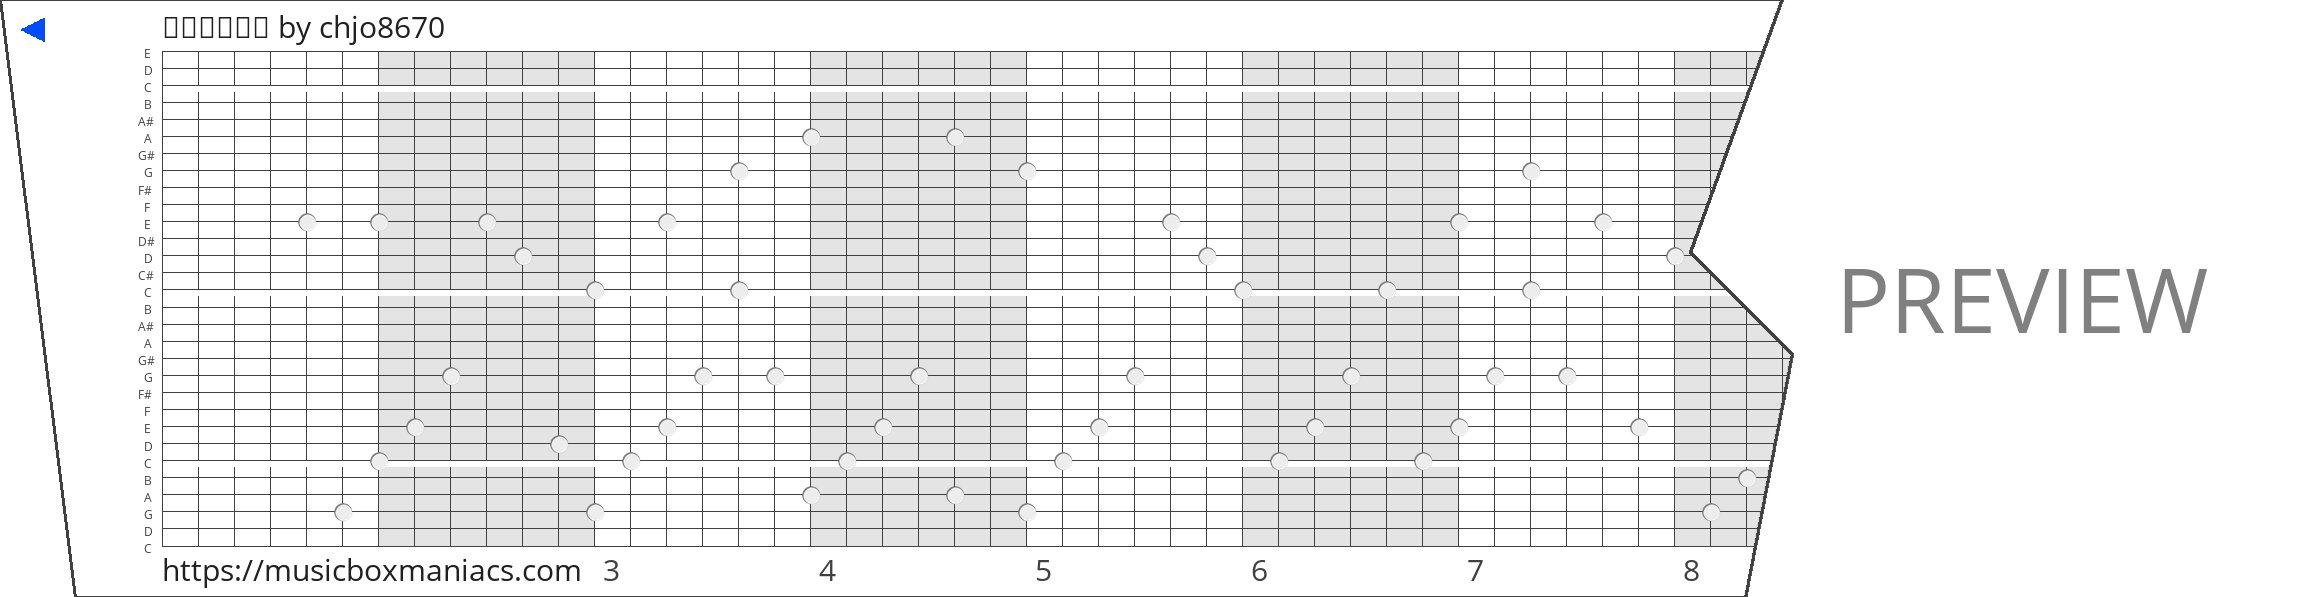 아름다운것들 30 note music box paper strip